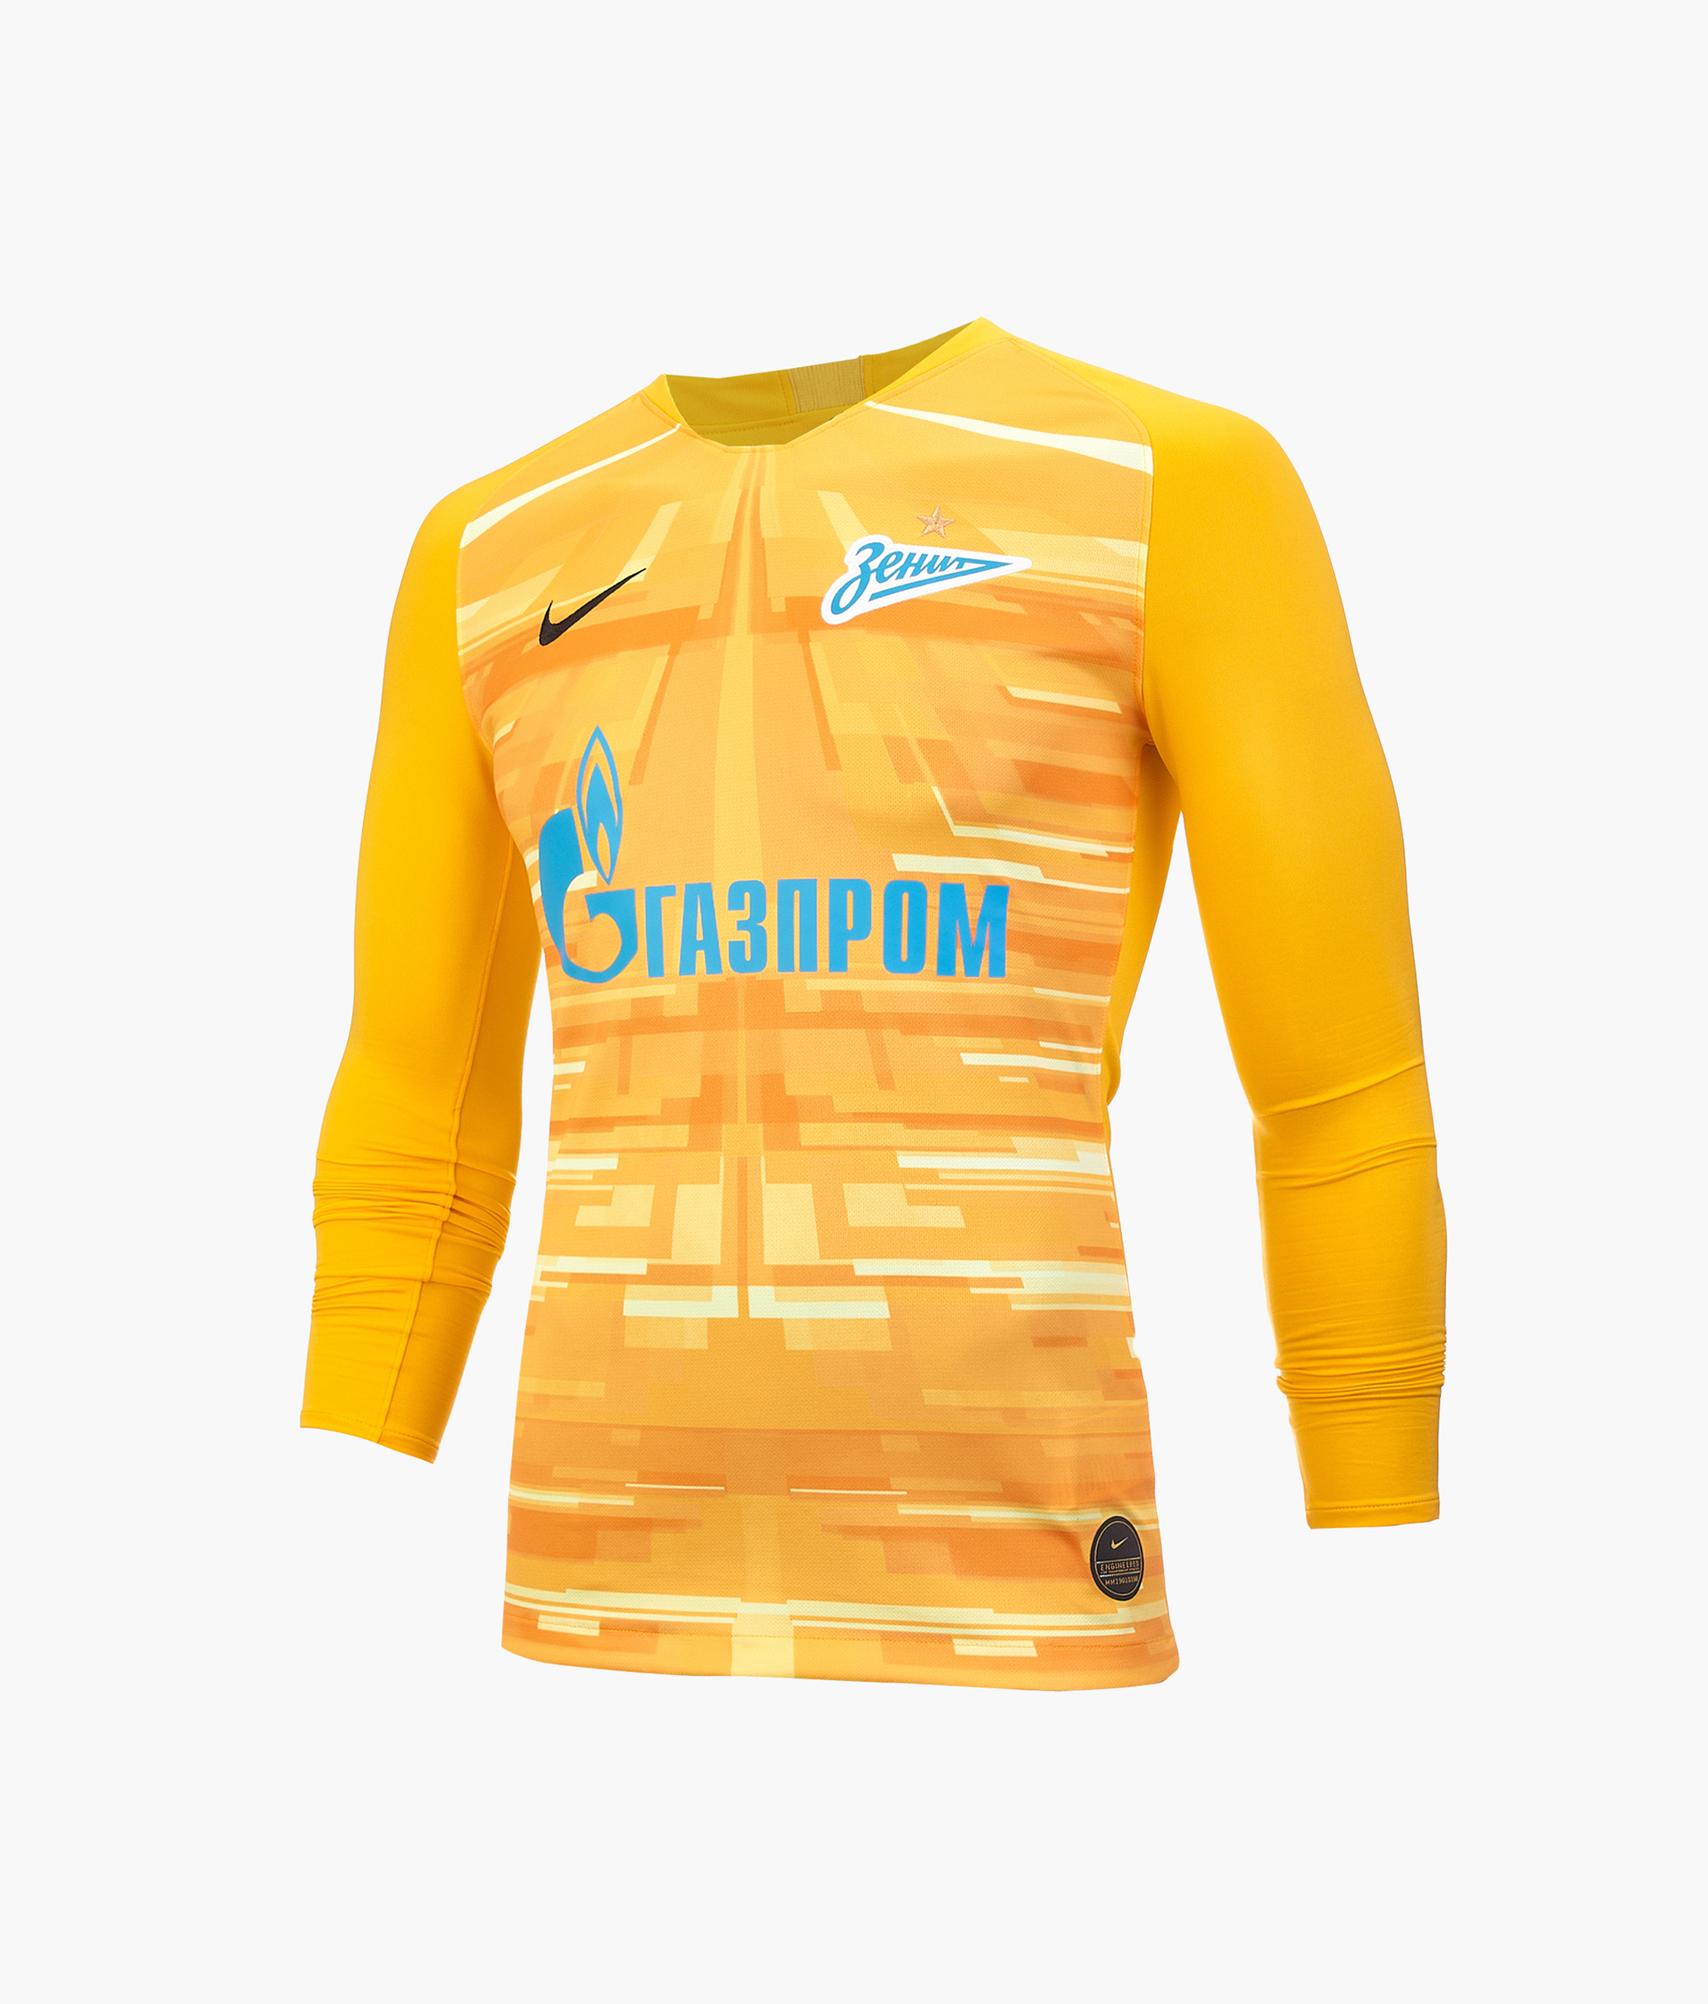 Вратарская футболка с длинным рукавом сезона 2019/20 Nike Цвет-Золотой